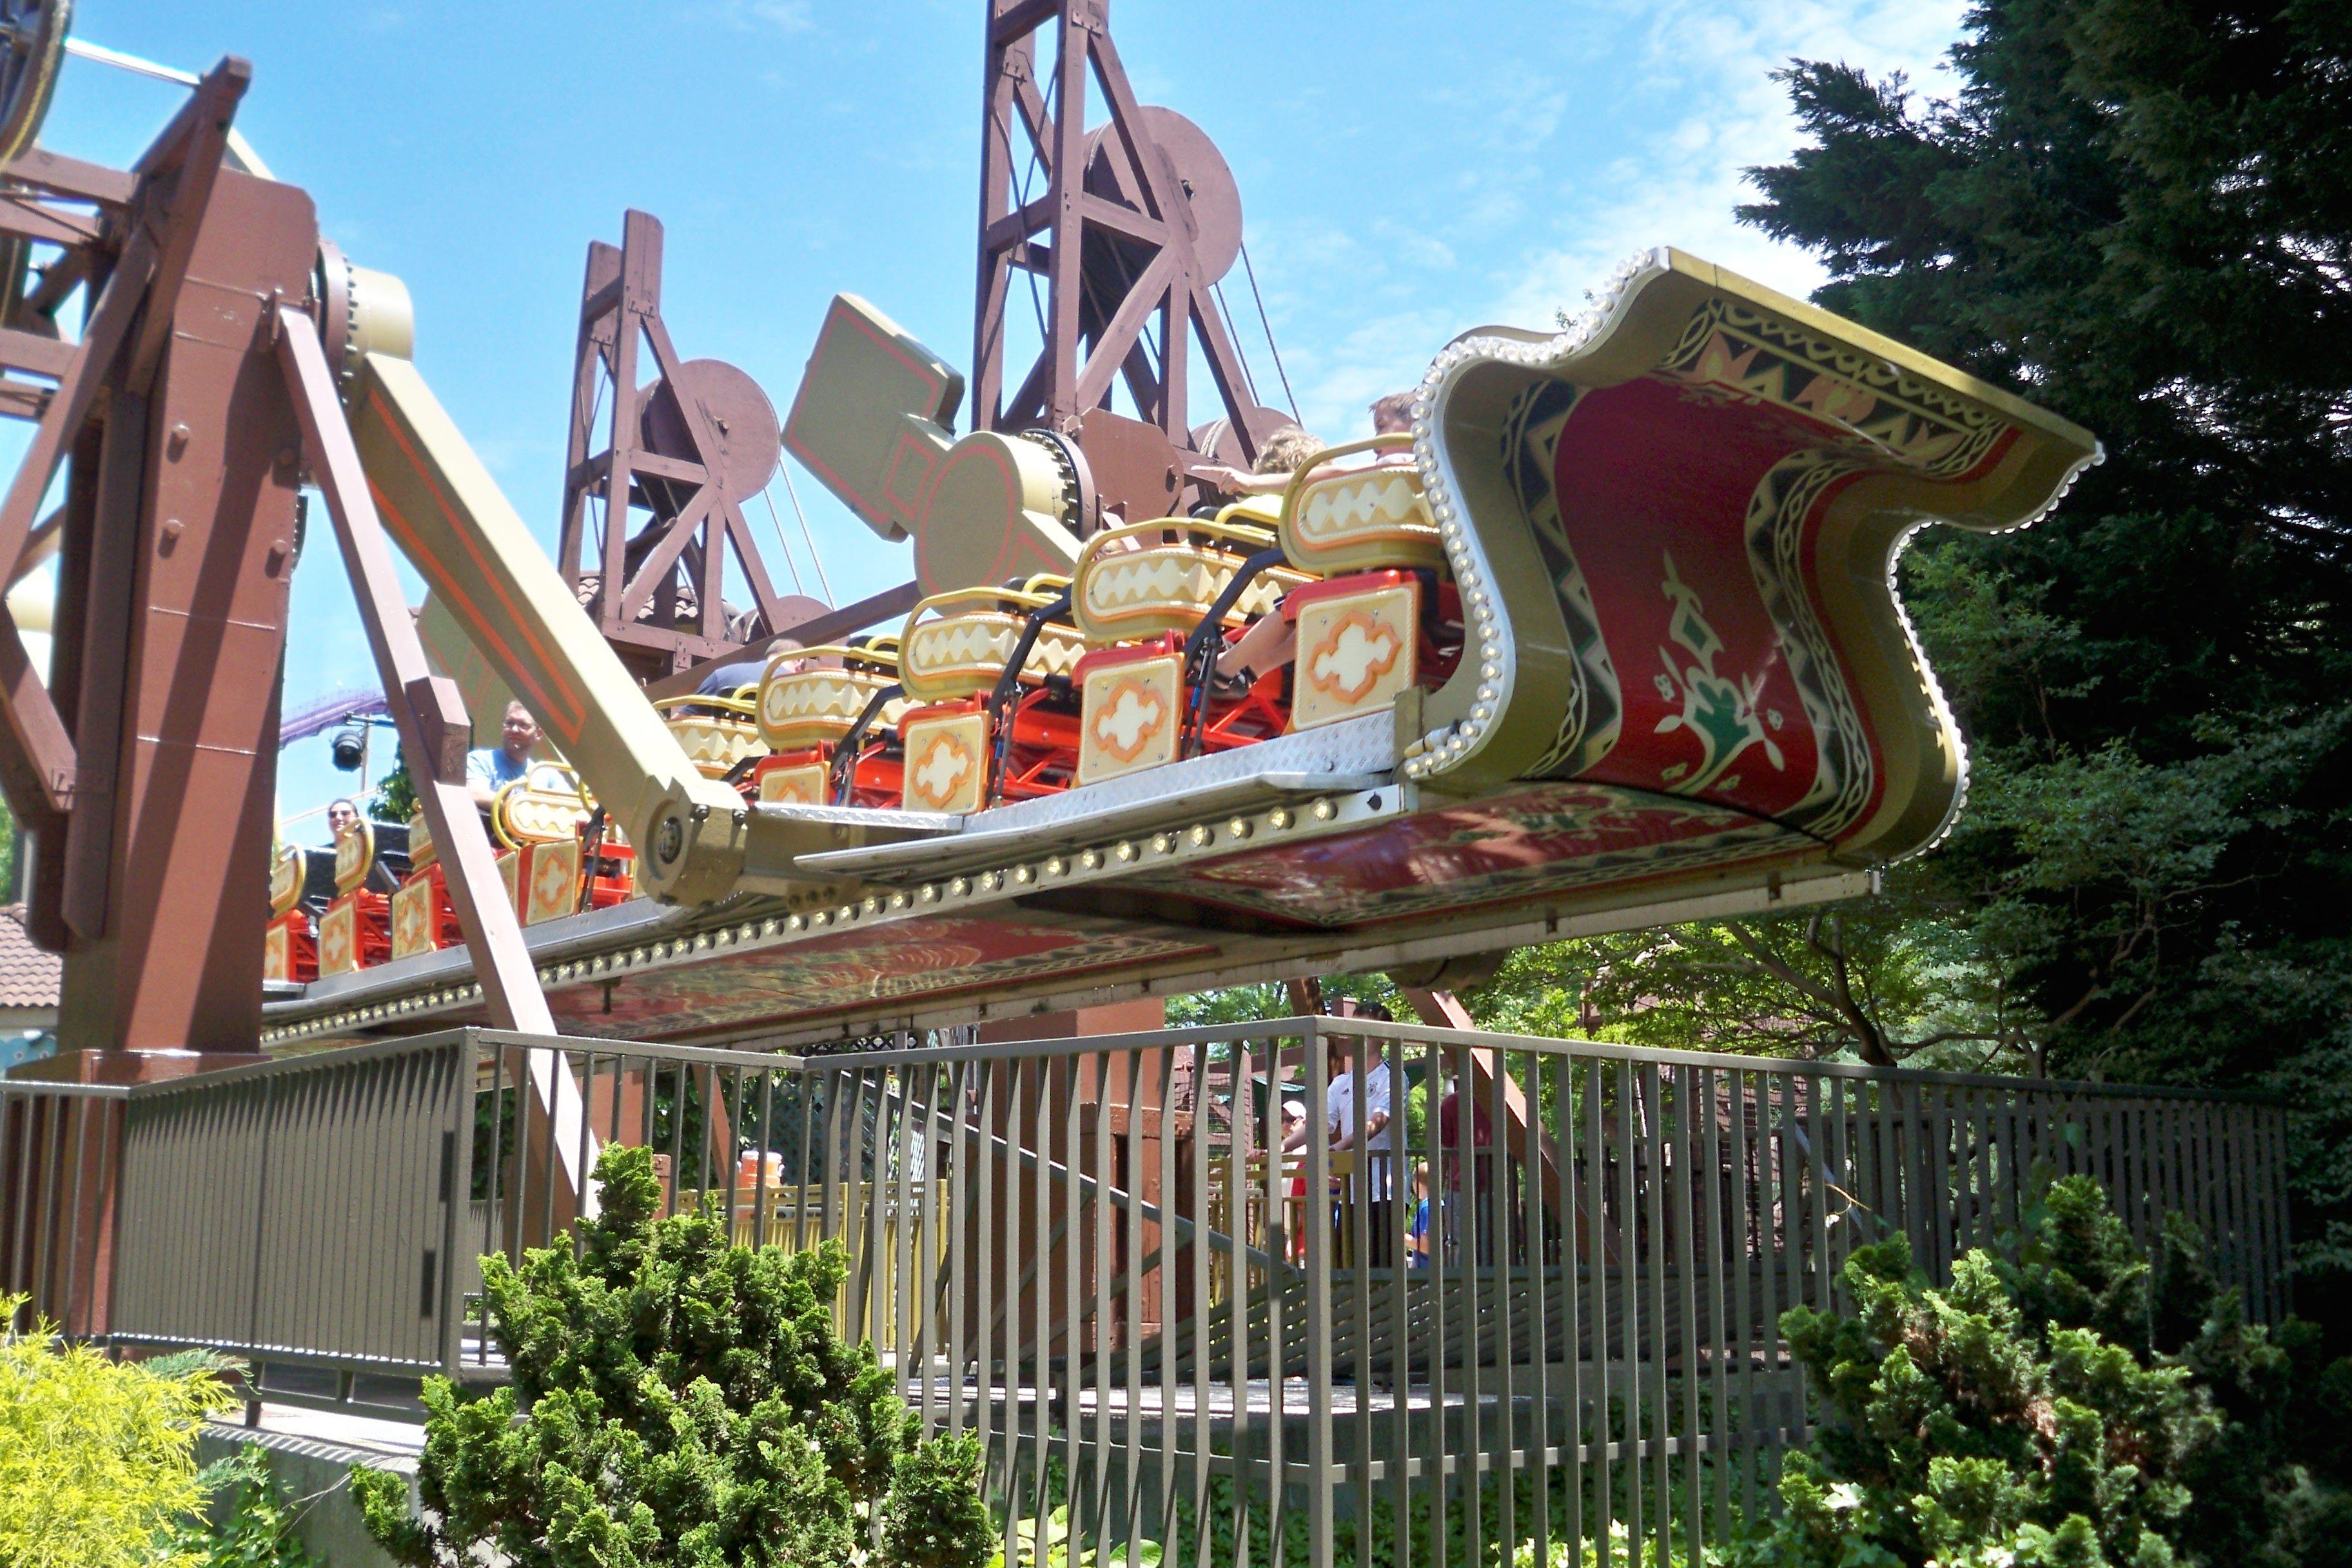 415e90ecdb7c27b8ef101188edb4c681 - Busch Gardens Williamsburg Howl O Scream Map